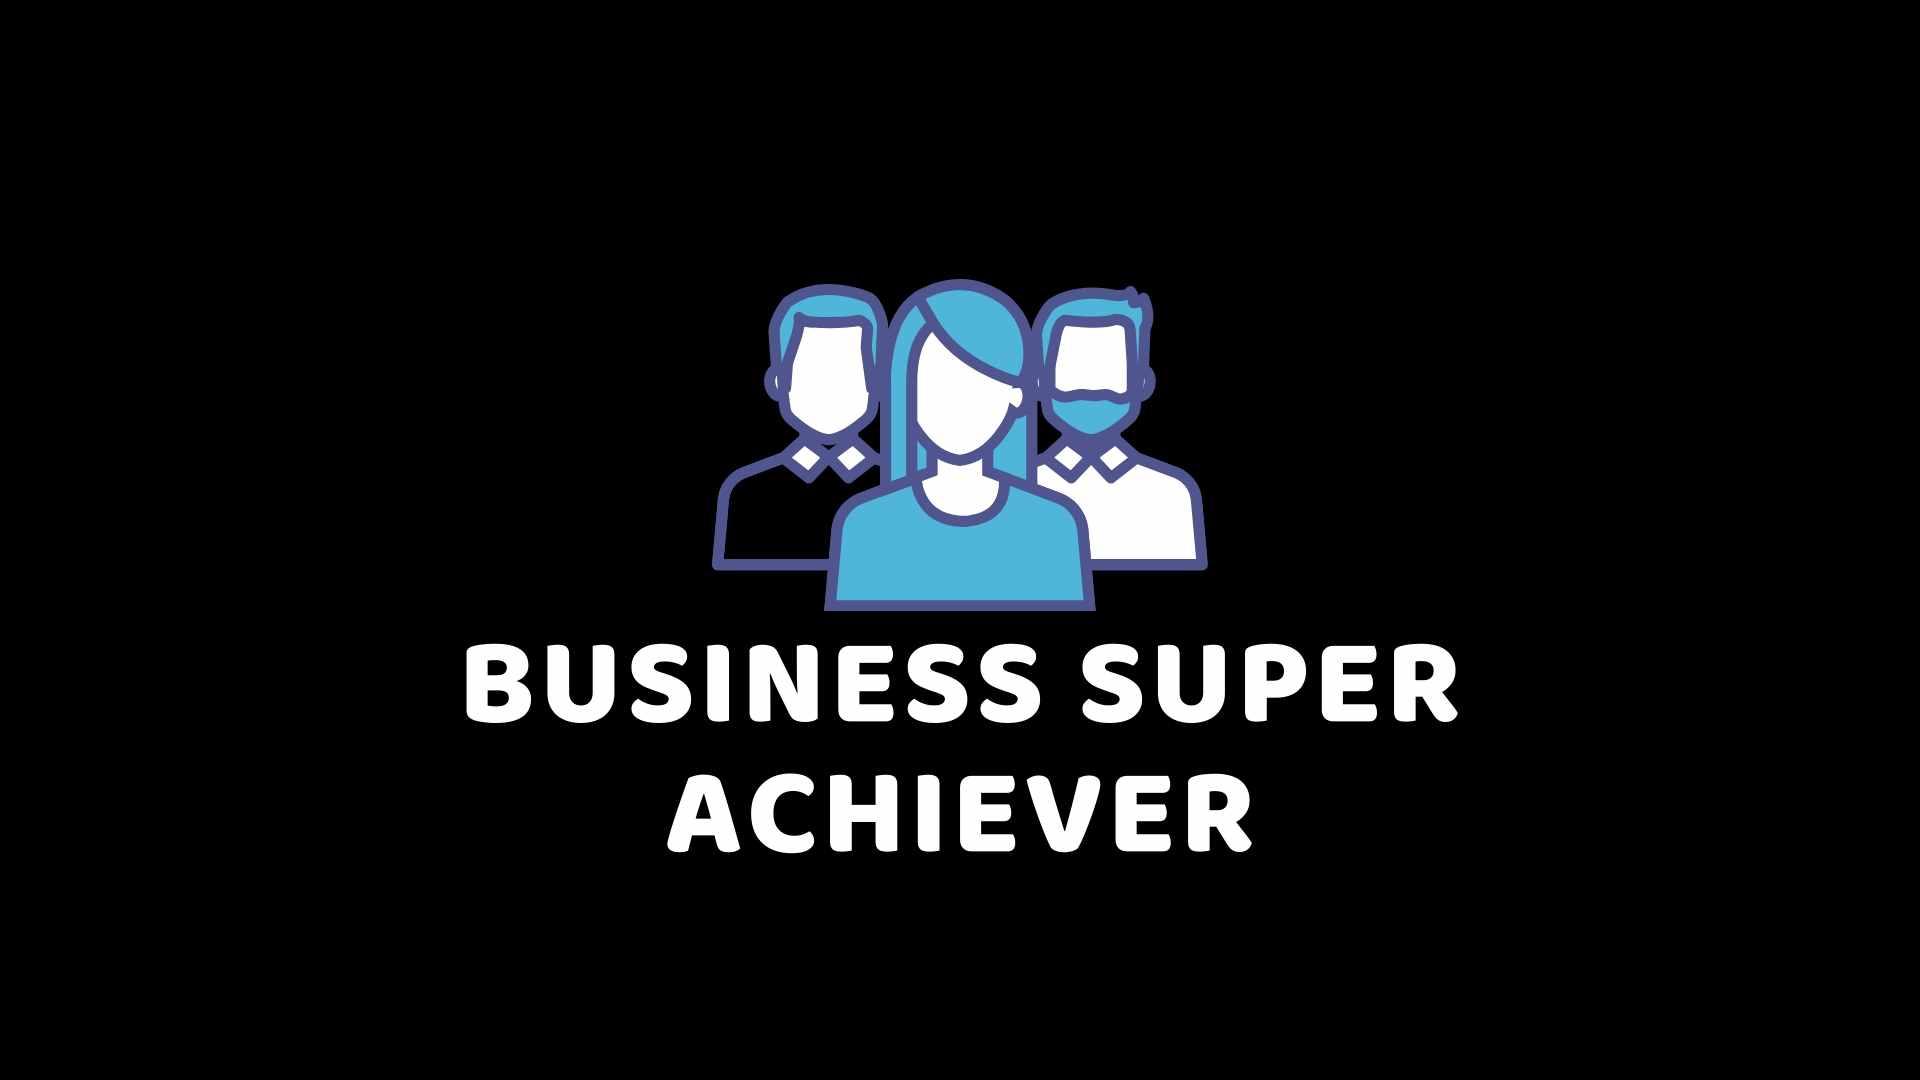 आपके Business के लिए एक Super Achiever बनने के लिए कैसे करें – हिंदी में जानकारी